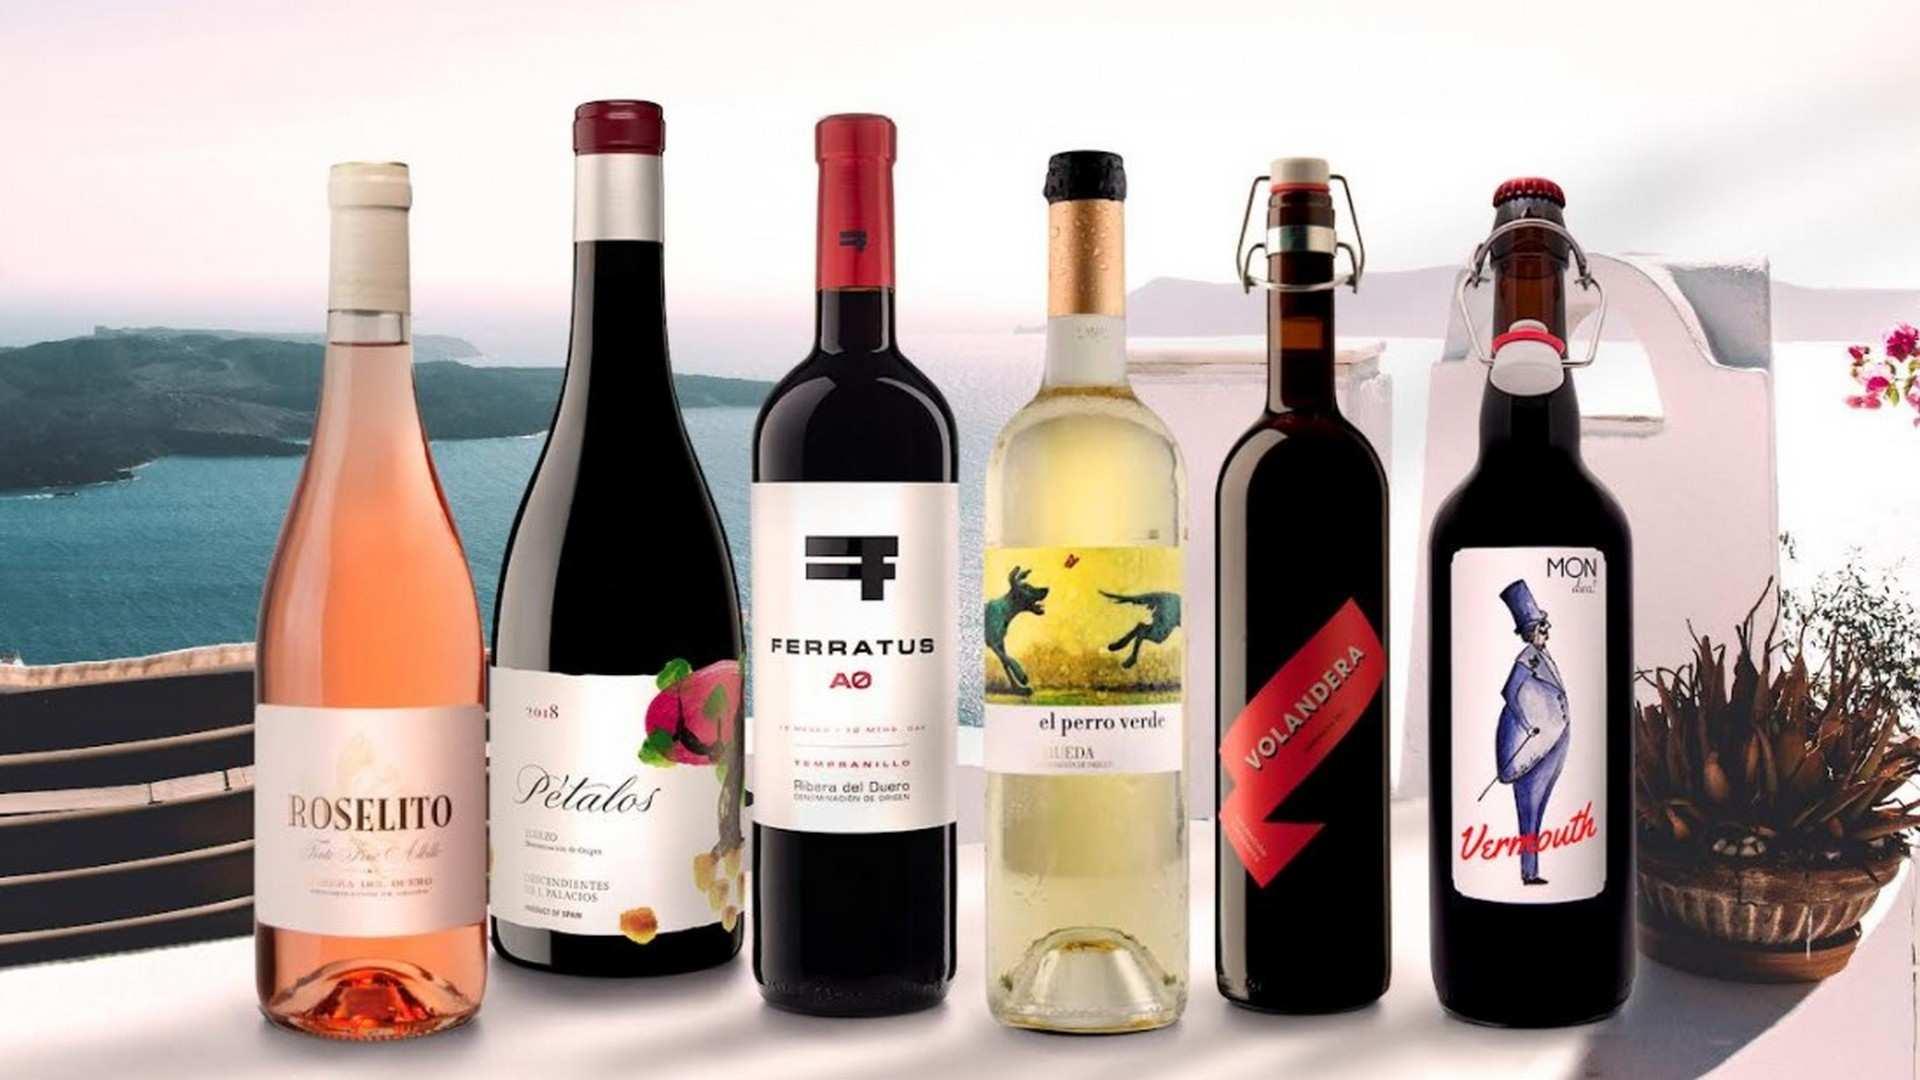 5 vinos y 1 vermouth que son tendencia este Verano 2021